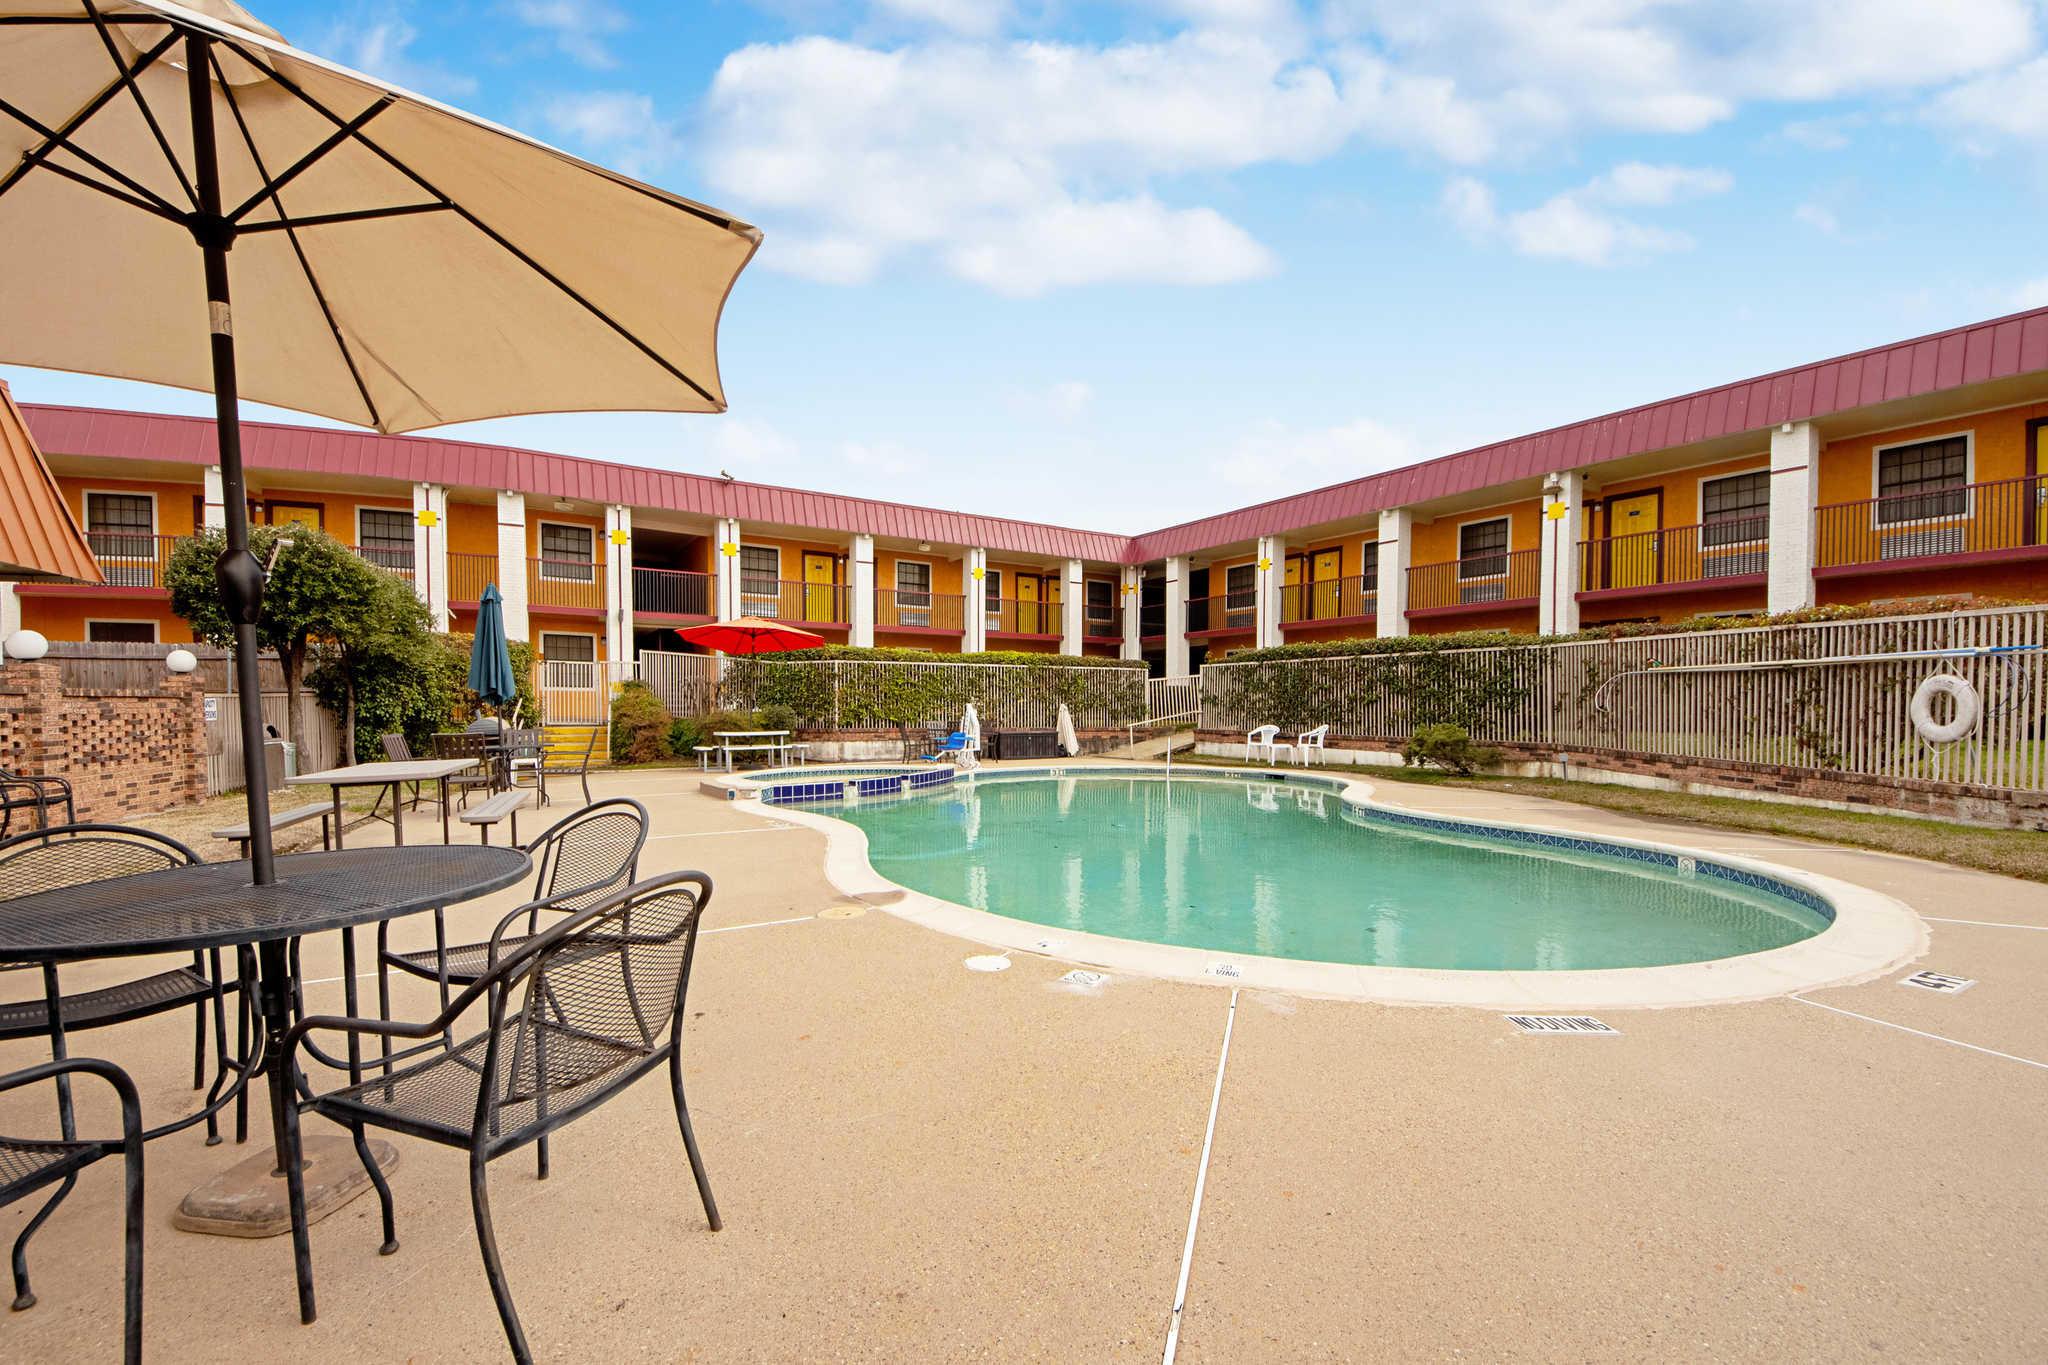 Rodeway Inn & Suites image 55